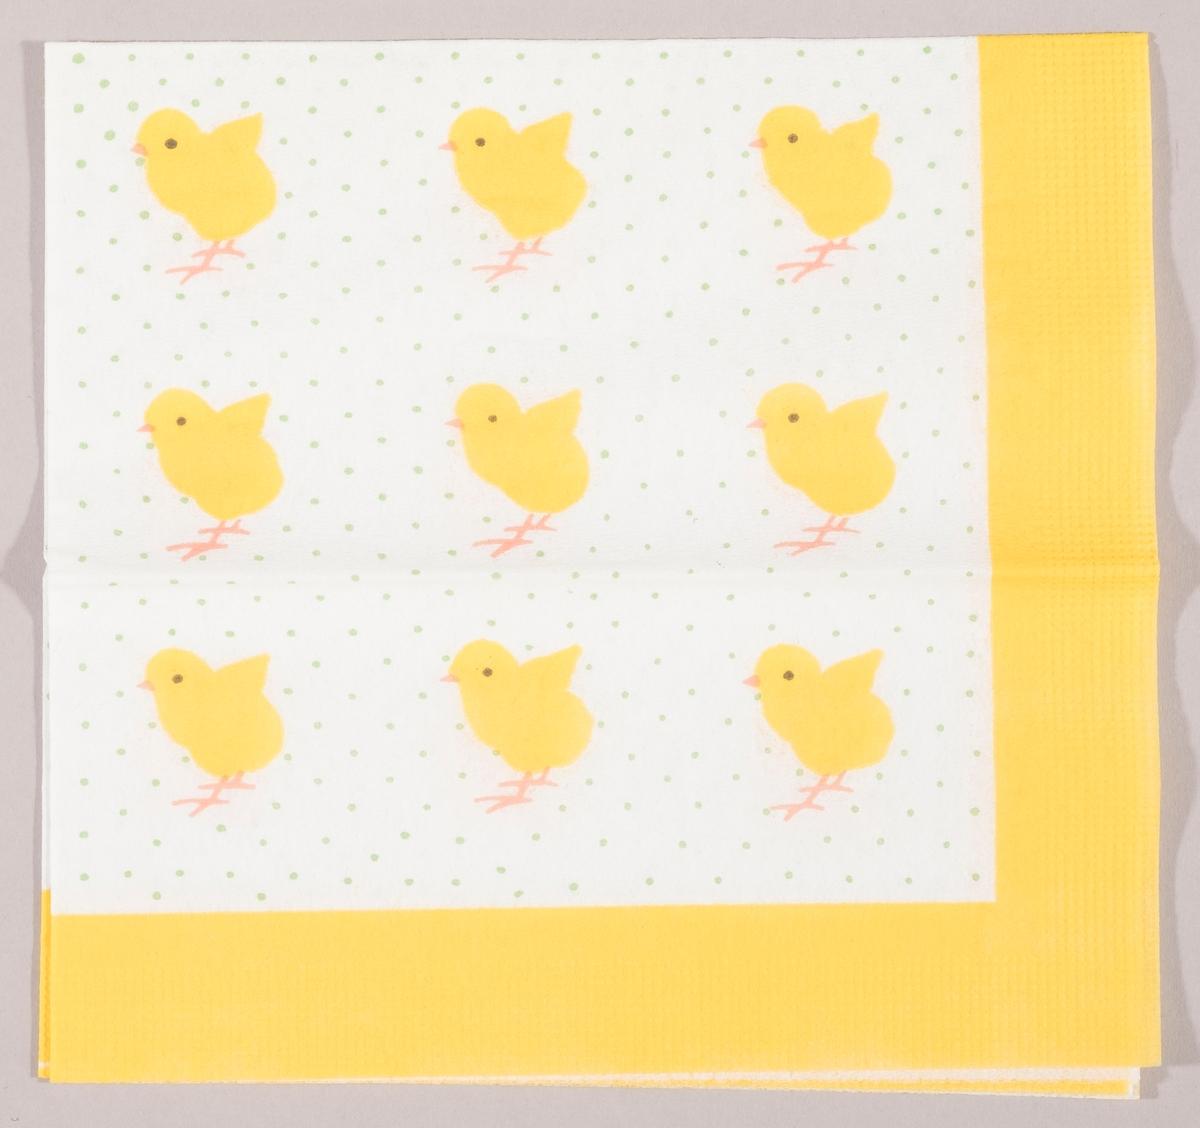 Kyllinger plassert i et firkantmønster på en hvit bakgrunn med grønne prikker. Gul kant.